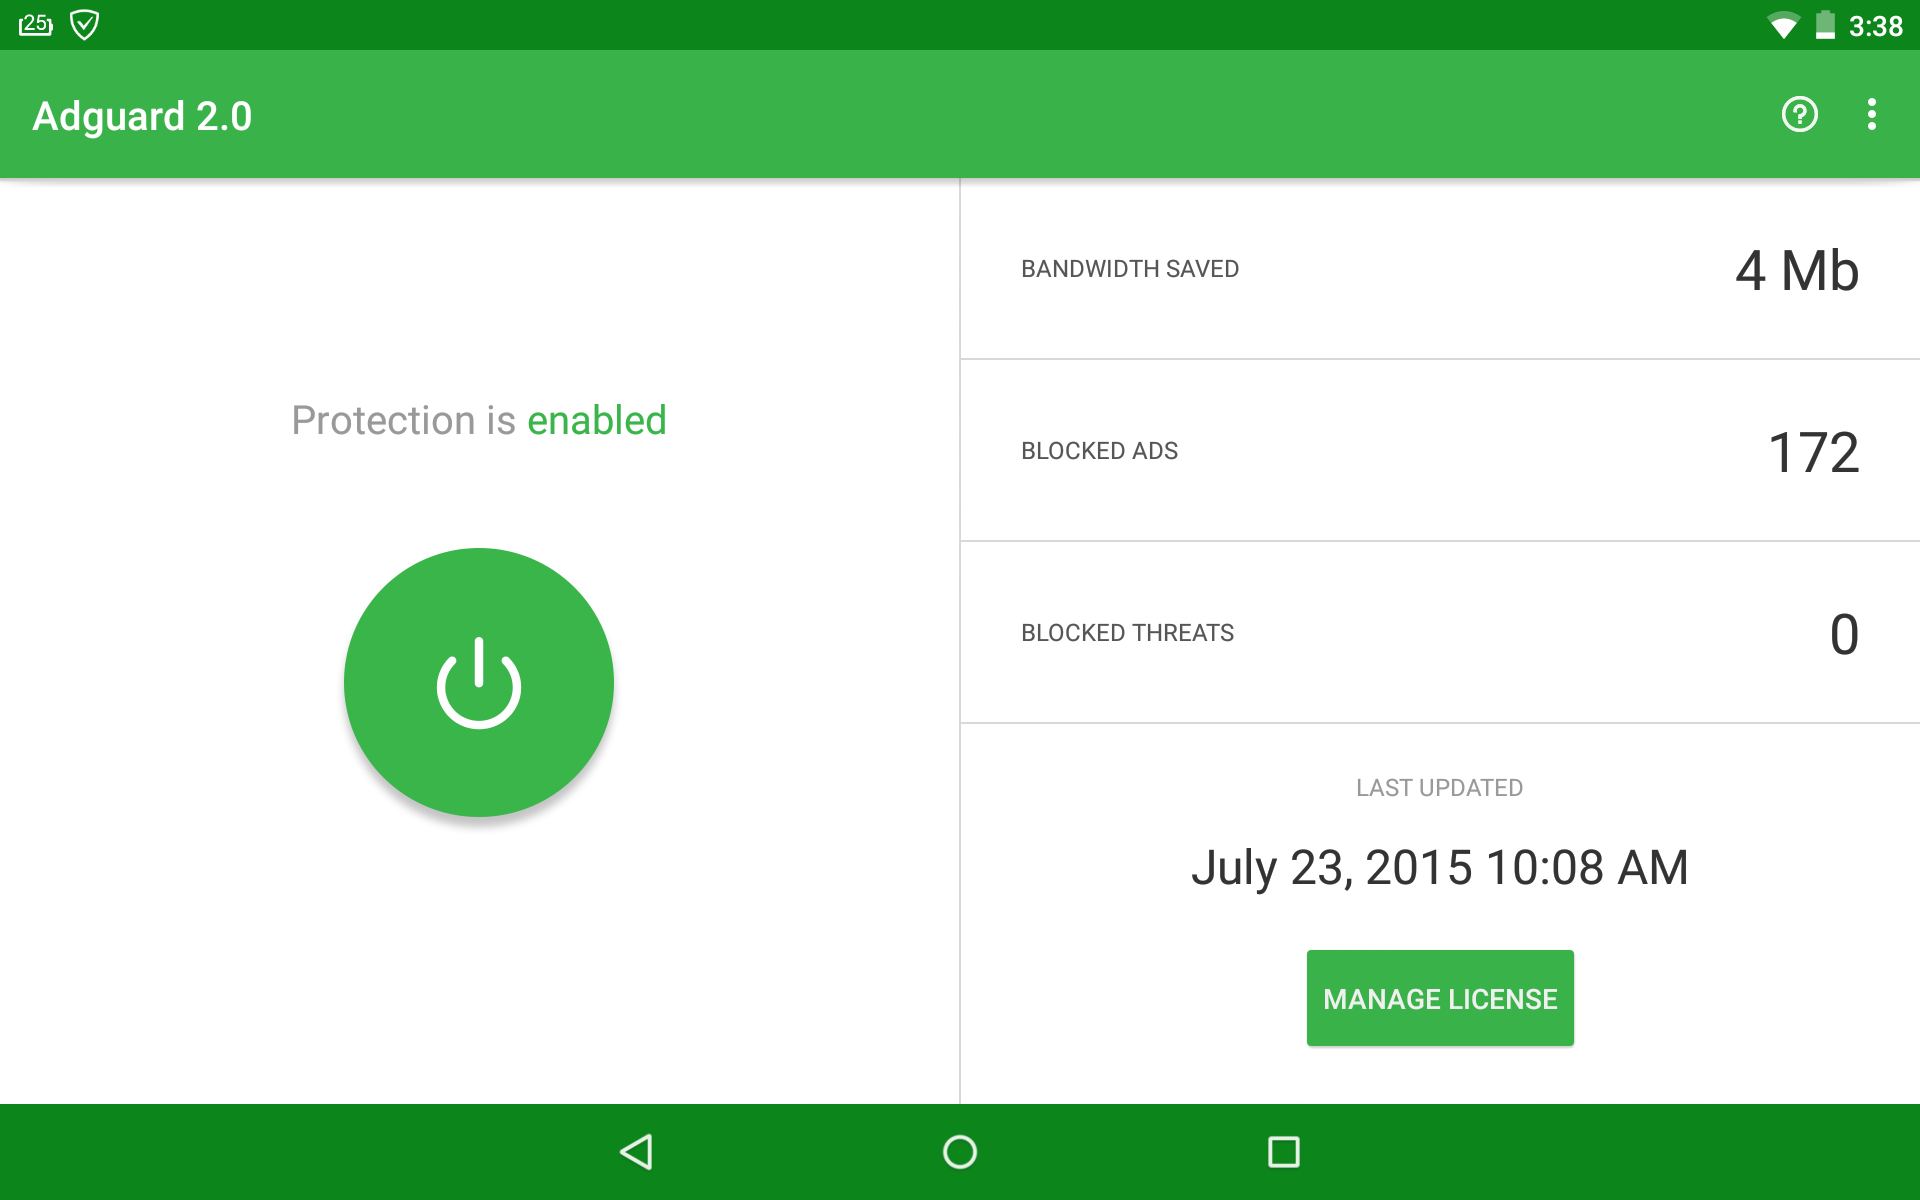 برنامه اندروید امنیت در اینترنت با برنامه کاربردی Adguard Android Premium